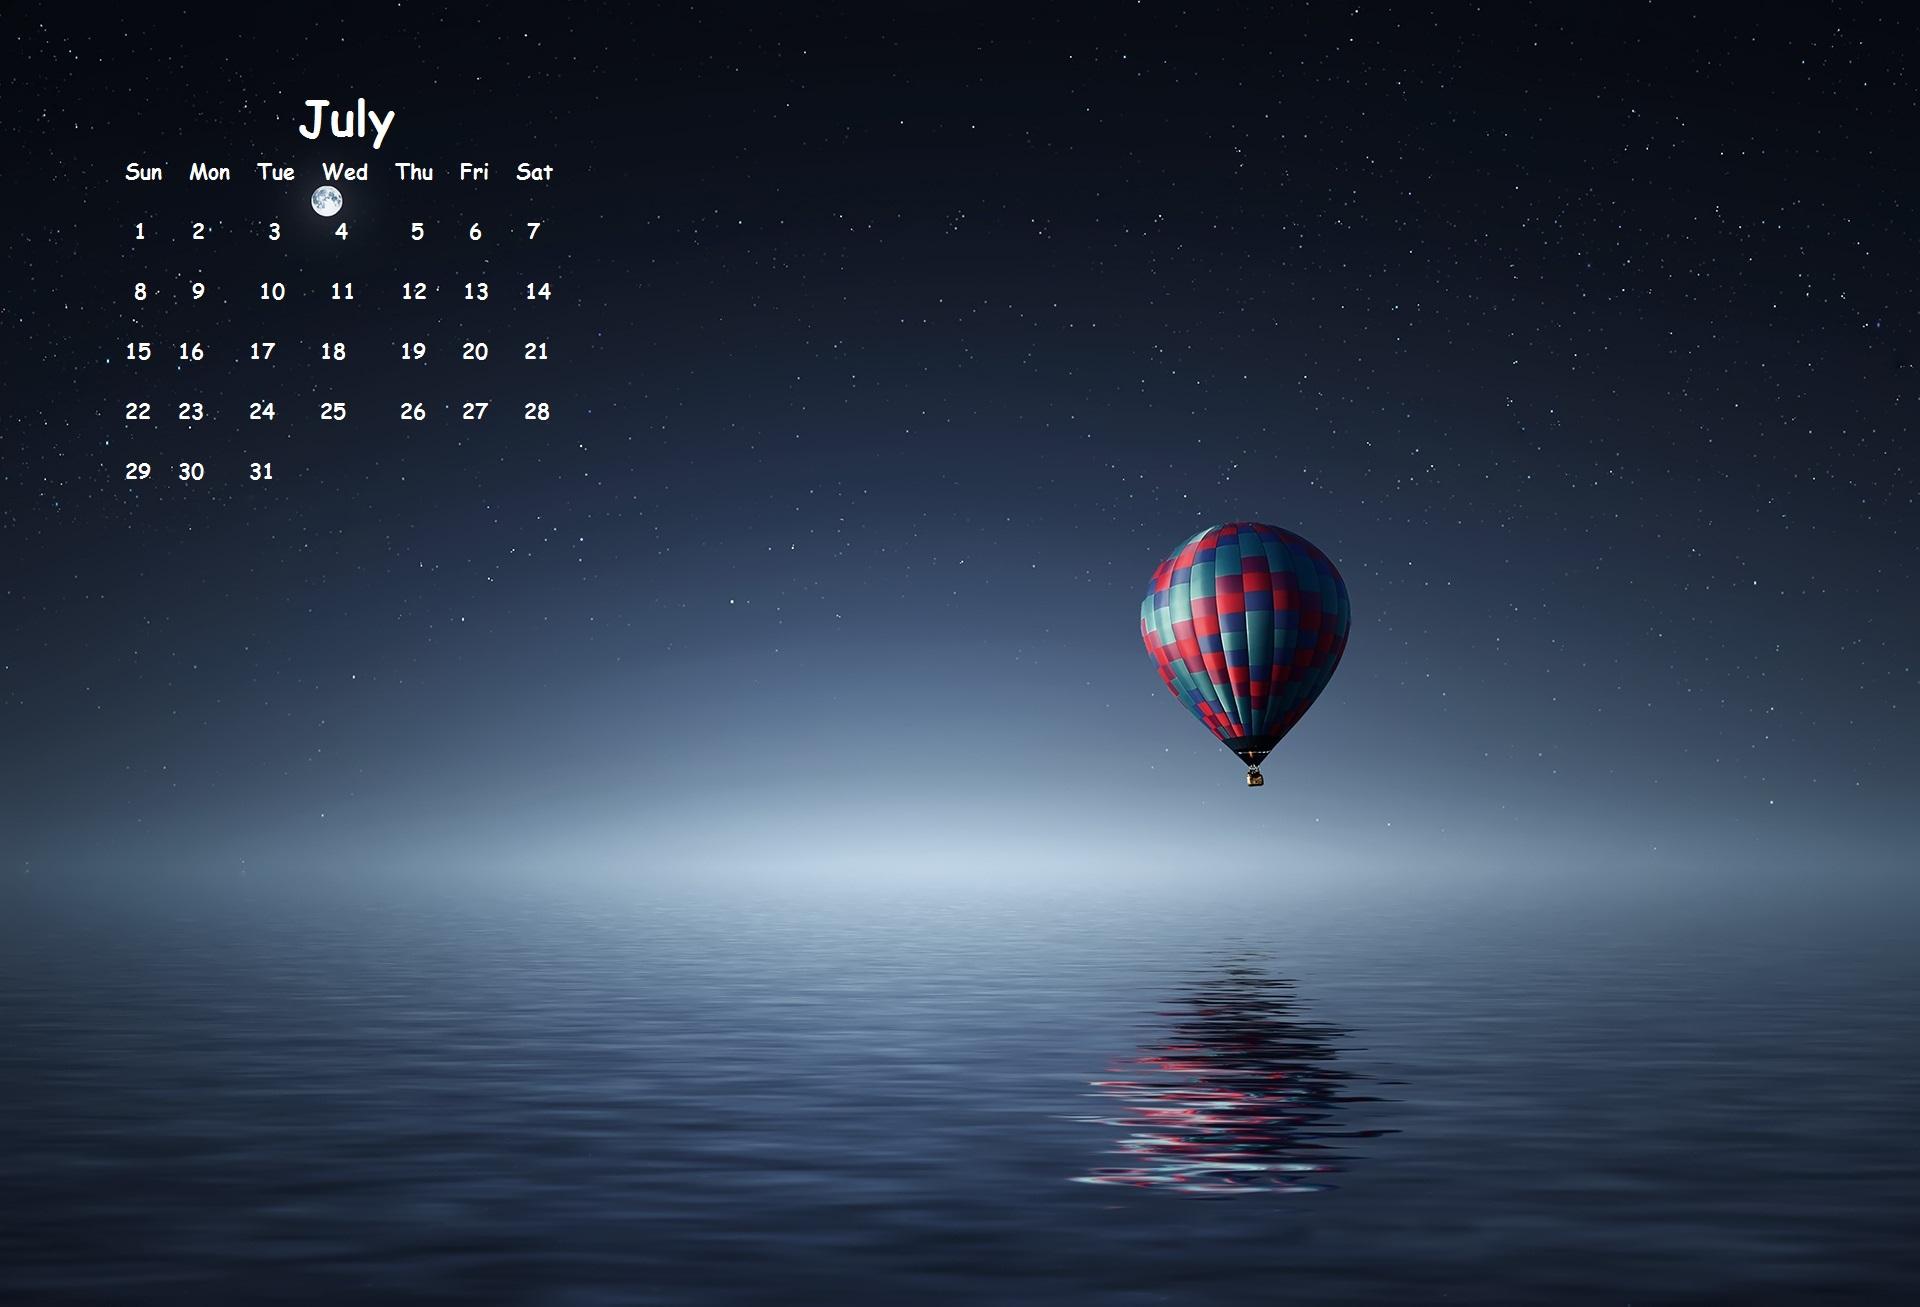 July 2018 Desktop Calendar Wallpaper